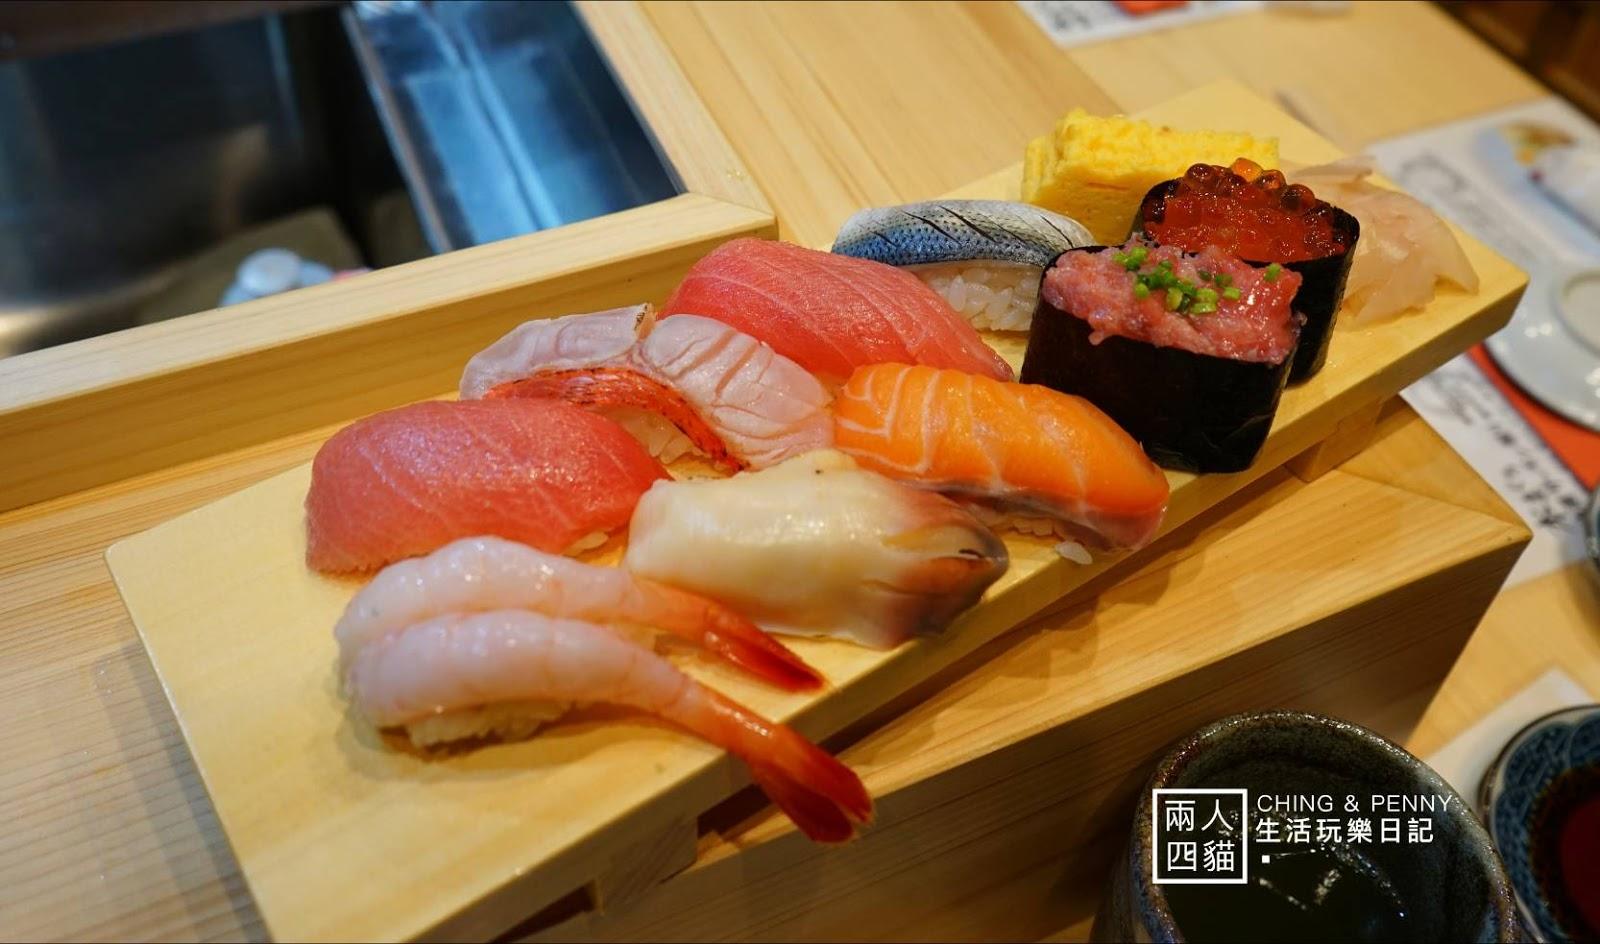 【東京|美食】晚上到築地吃生魚片-四月新開幕【築地 拳母鮨】好吃鮭魚丼飯+握壽司(含菜單)